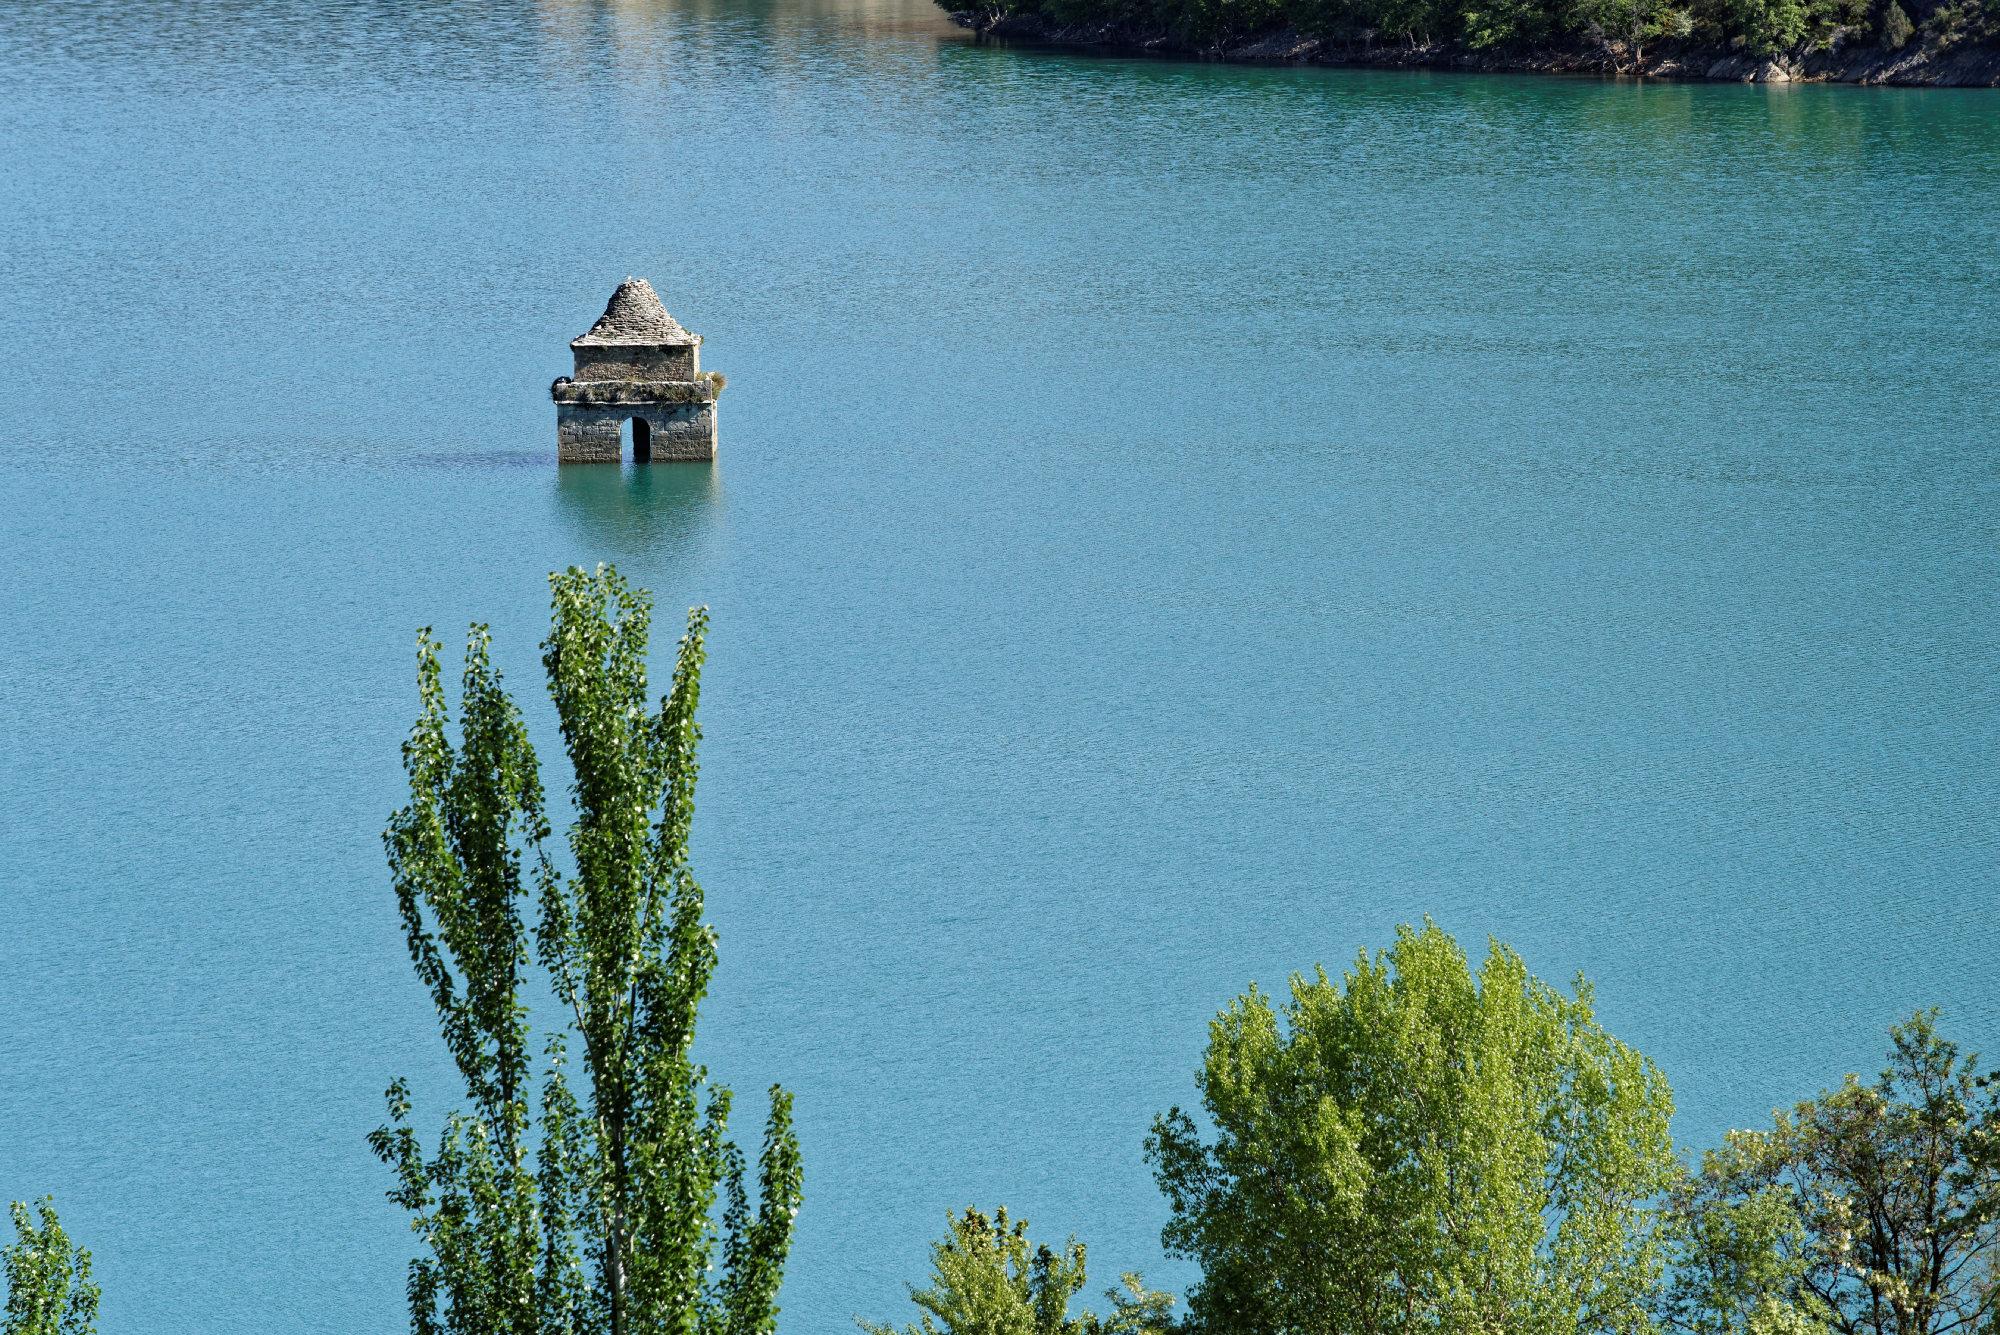 150428-Lac Mediano - Chateau Samitier - Liguerre de Cinca (Sobrarbe) (116)